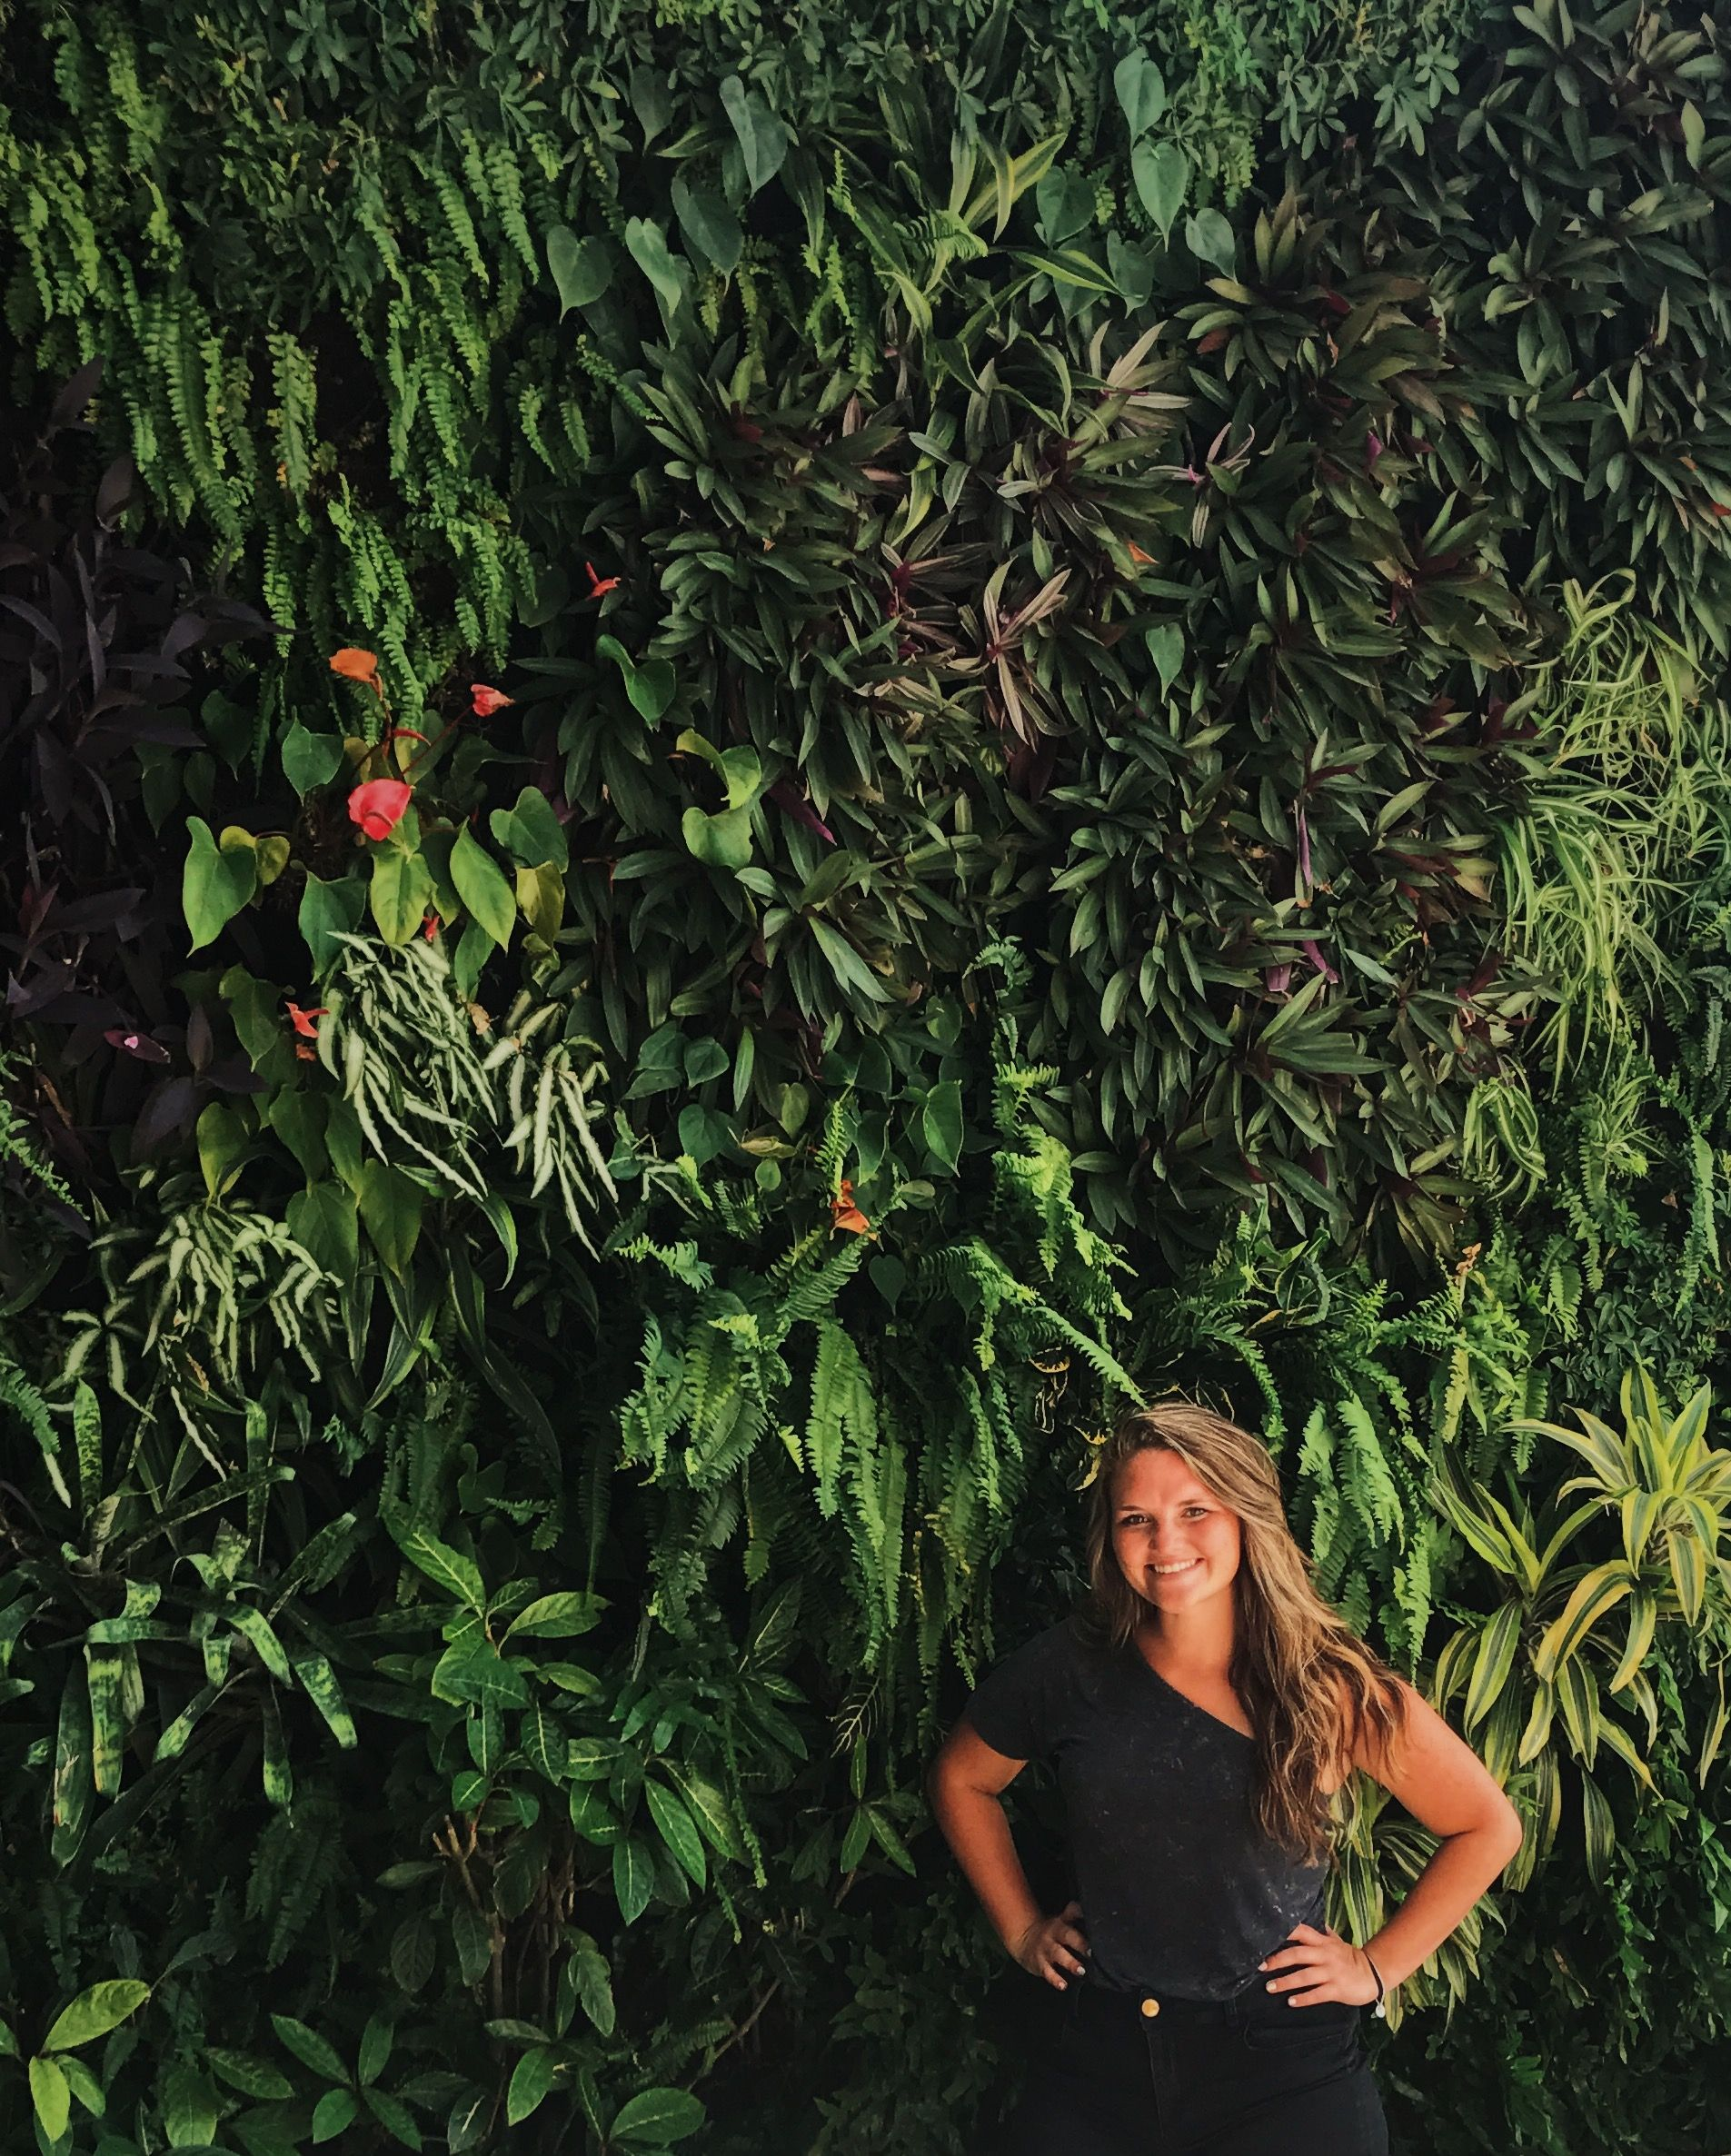 #wynwood #miami #florida #plantwall #greenery #selfie